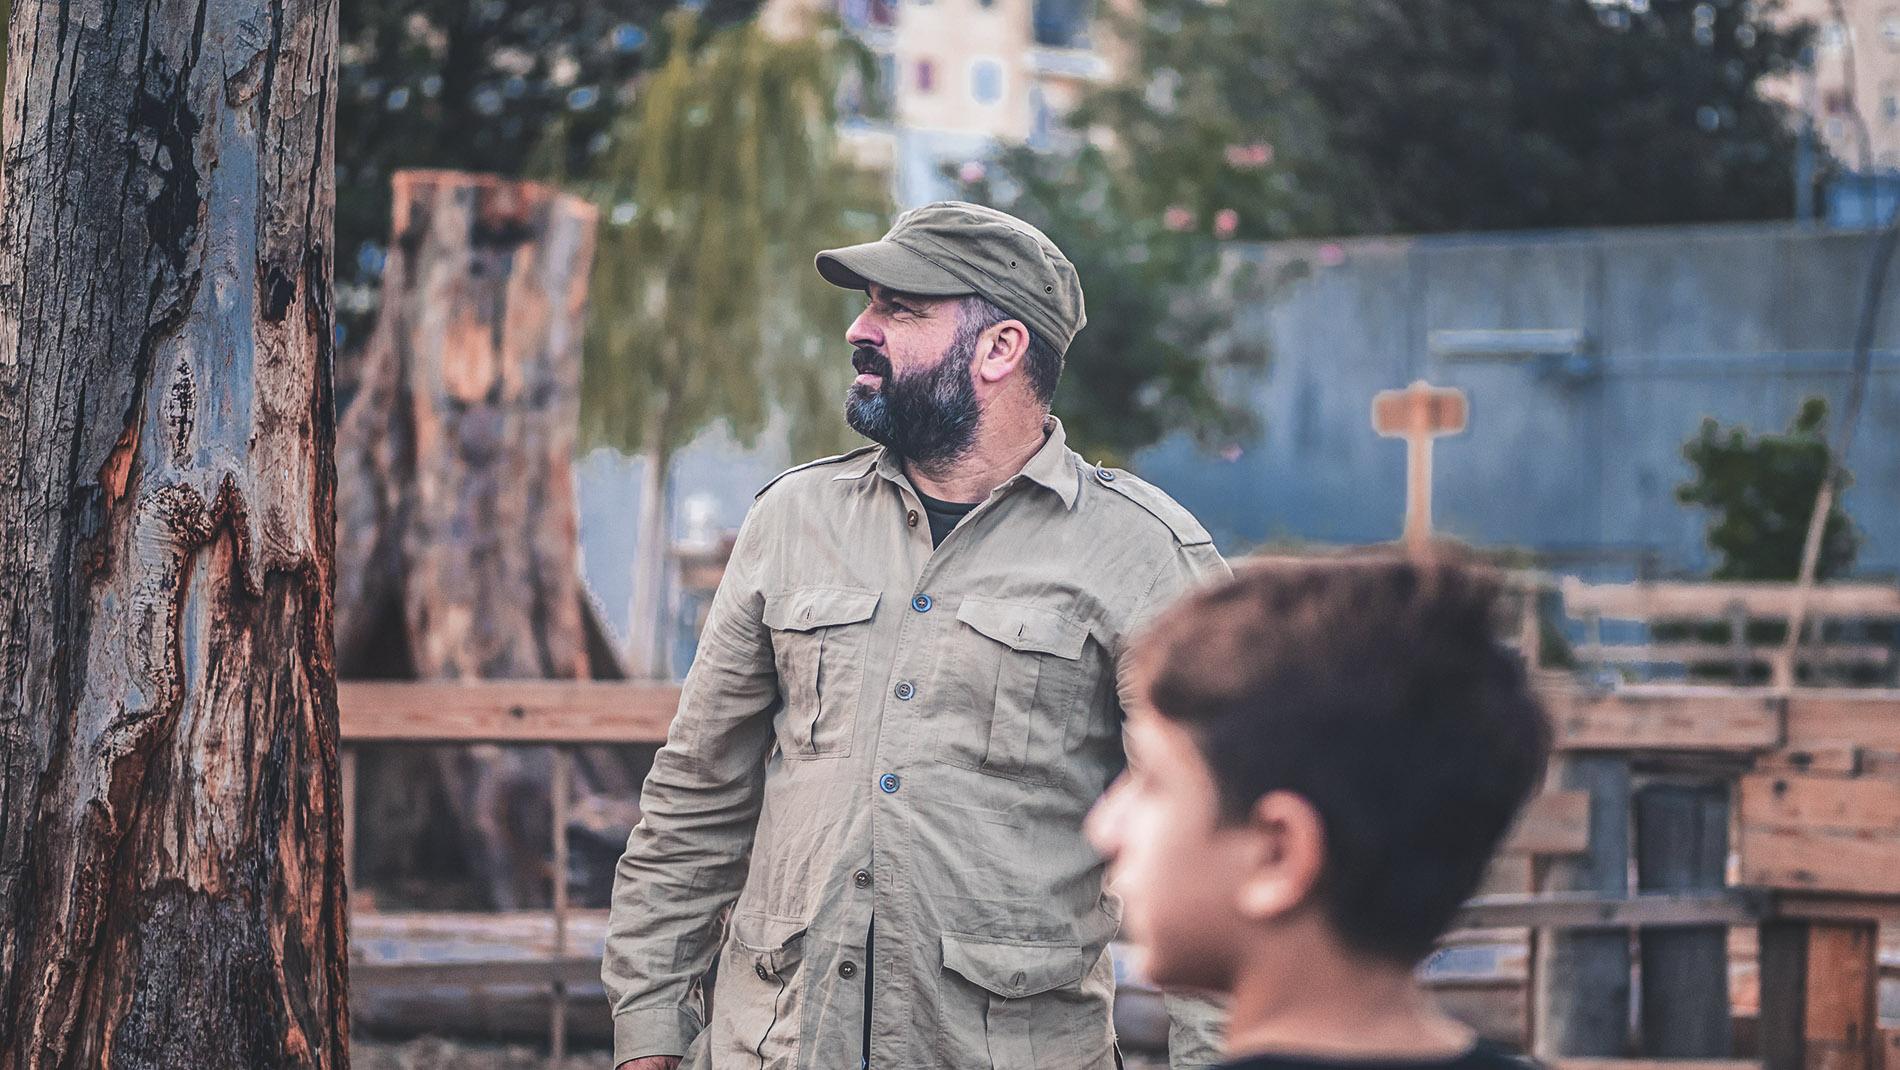 Basta Gomorra: l'Albero delle Storie racconta un'altra Scampia